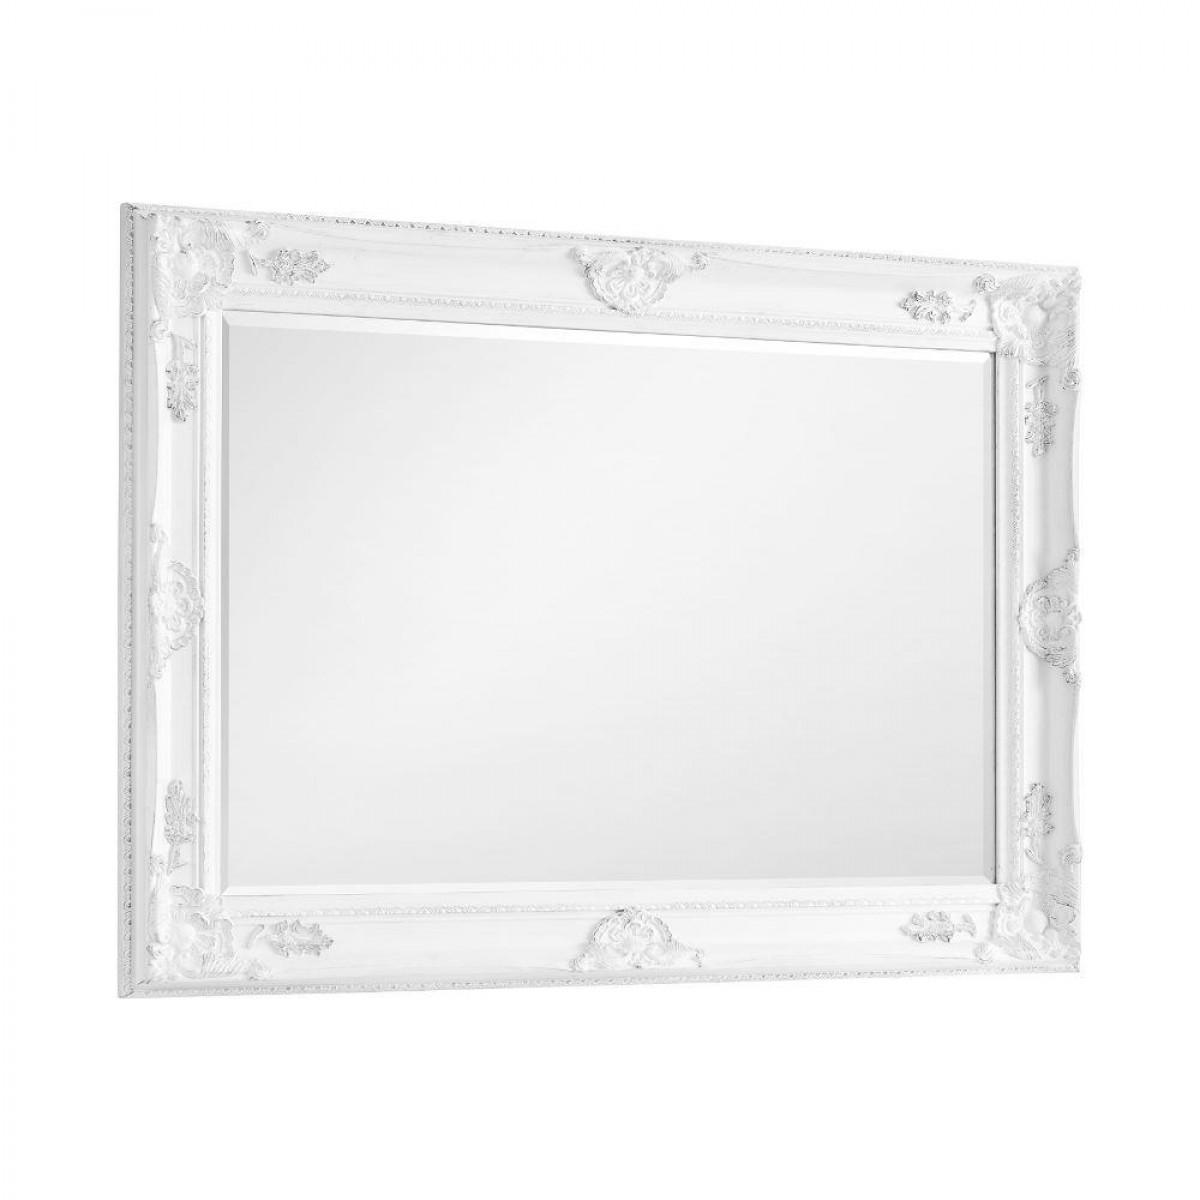 Palais White Wall Mirror - 110 cm x 80 cm